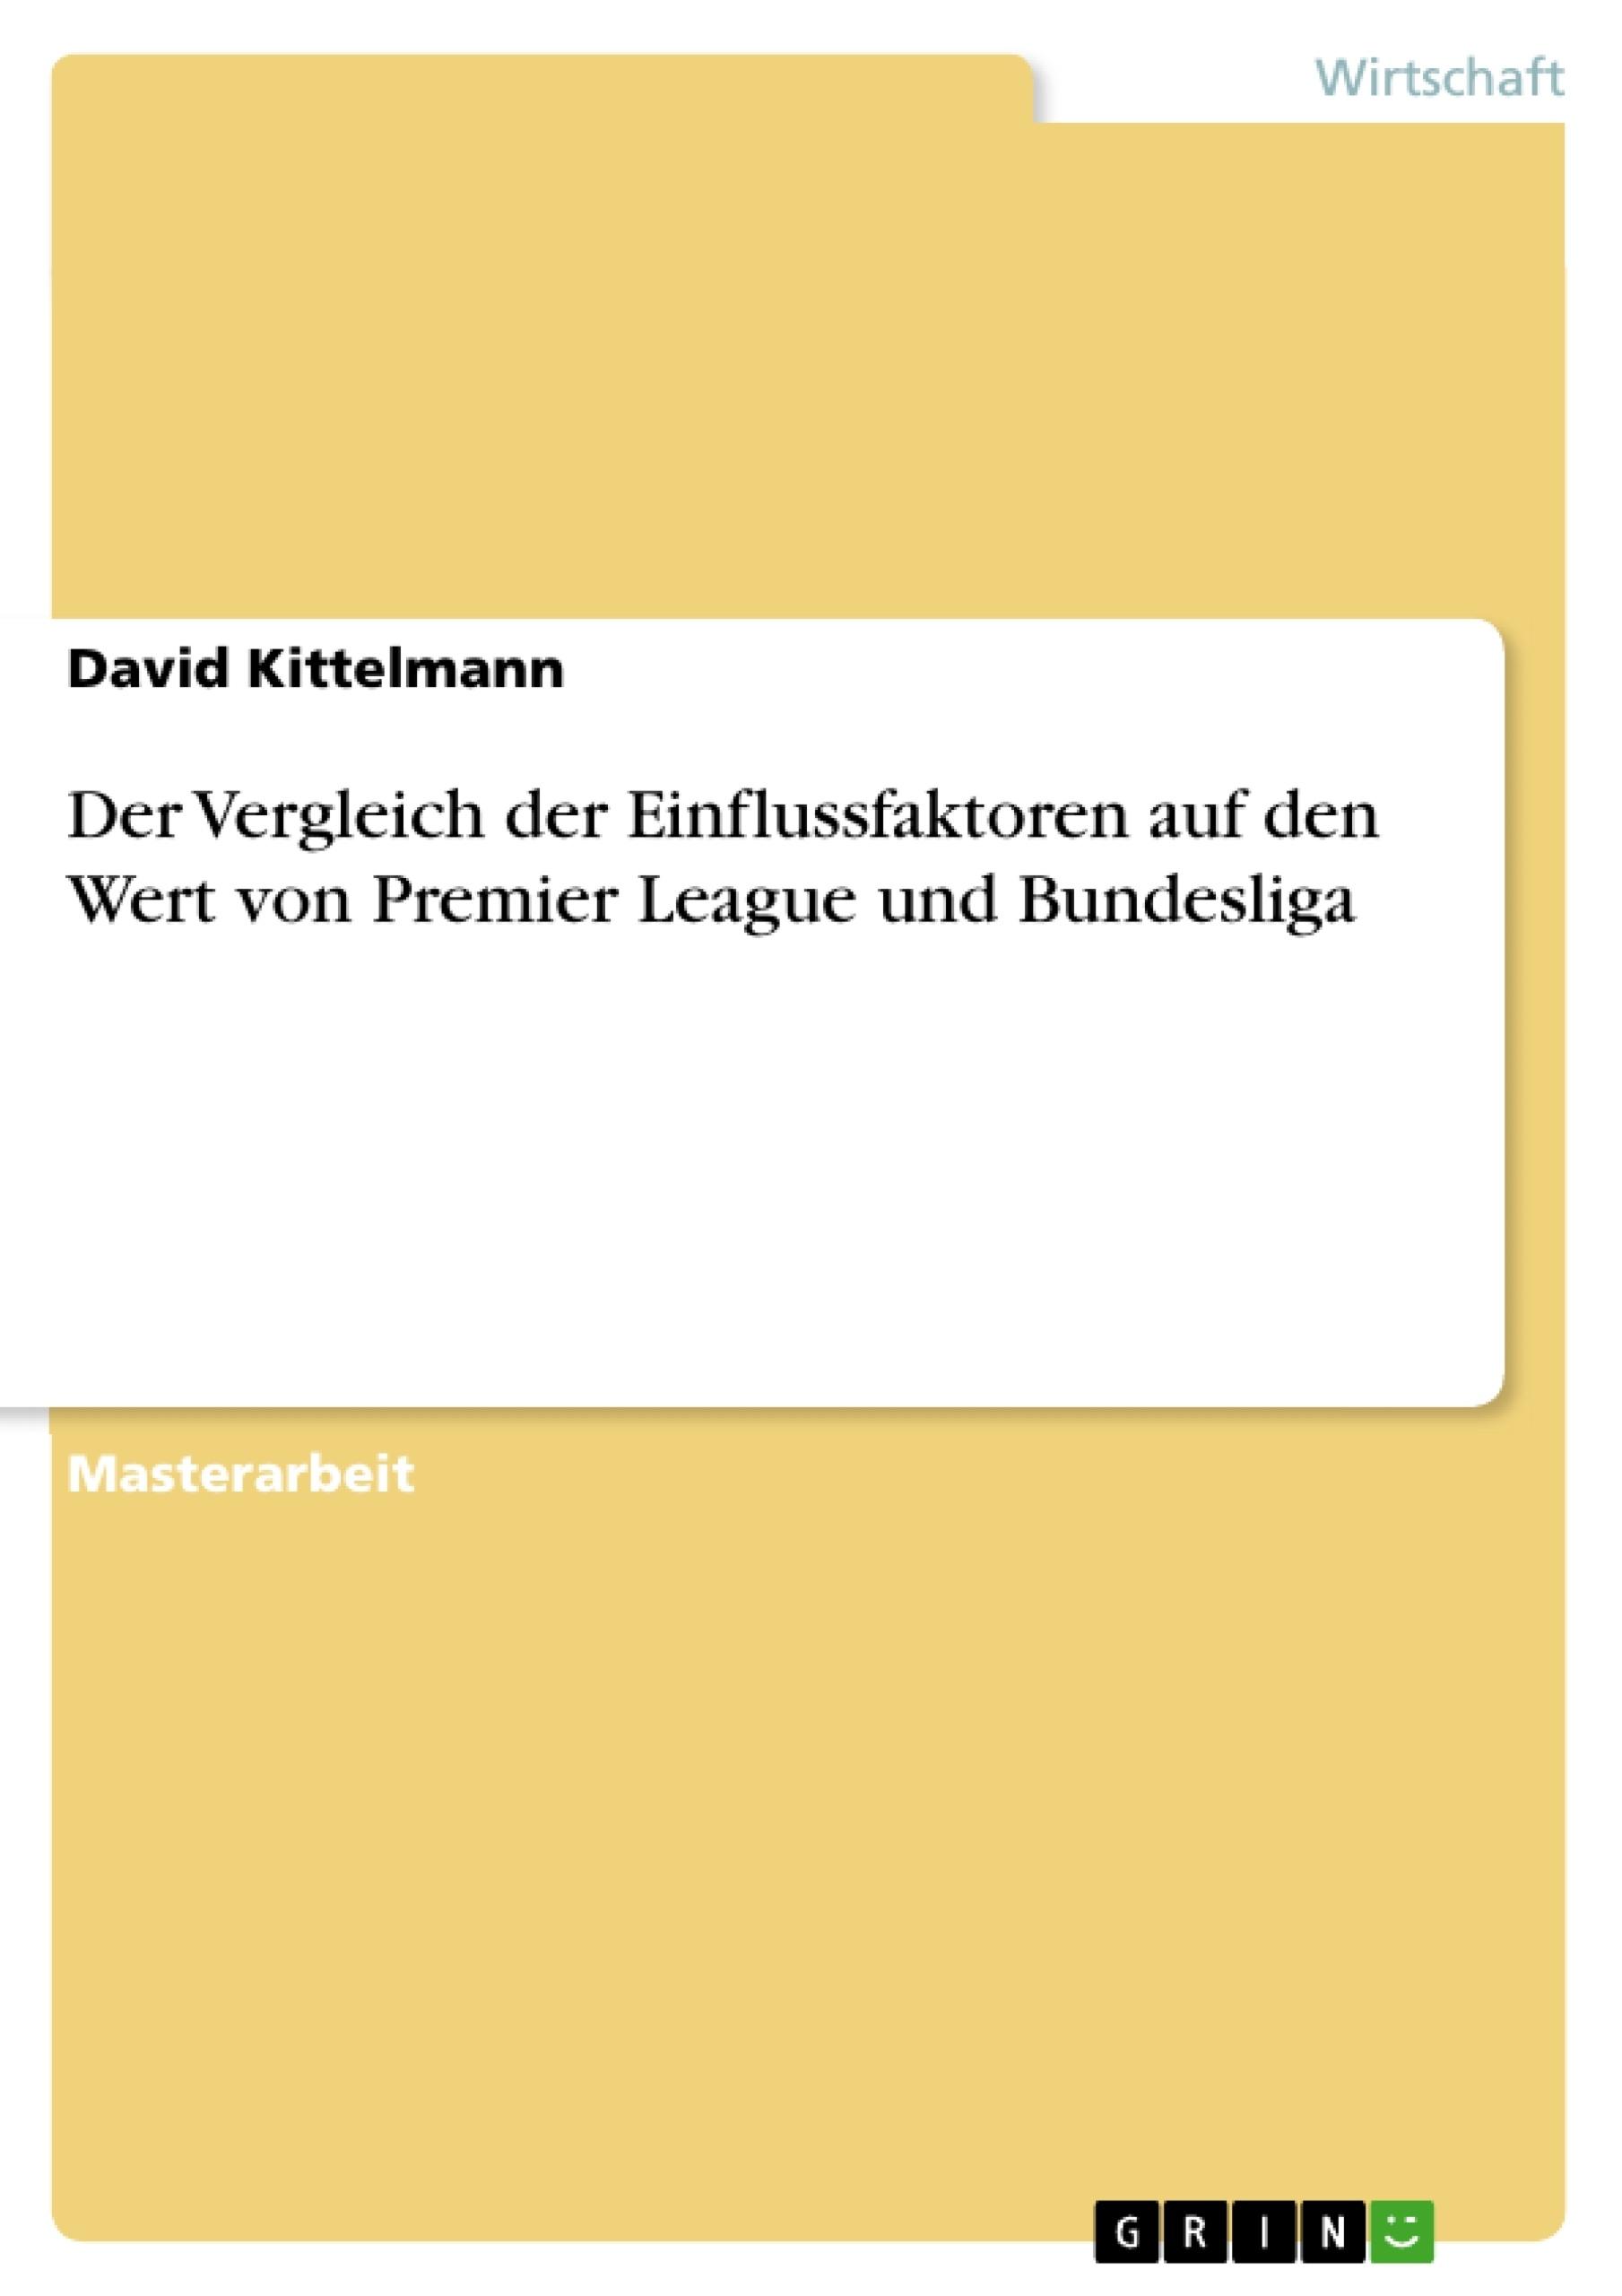 Titel: Der Vergleich der Einflussfaktoren auf den Wert von Premier League und Bundesliga